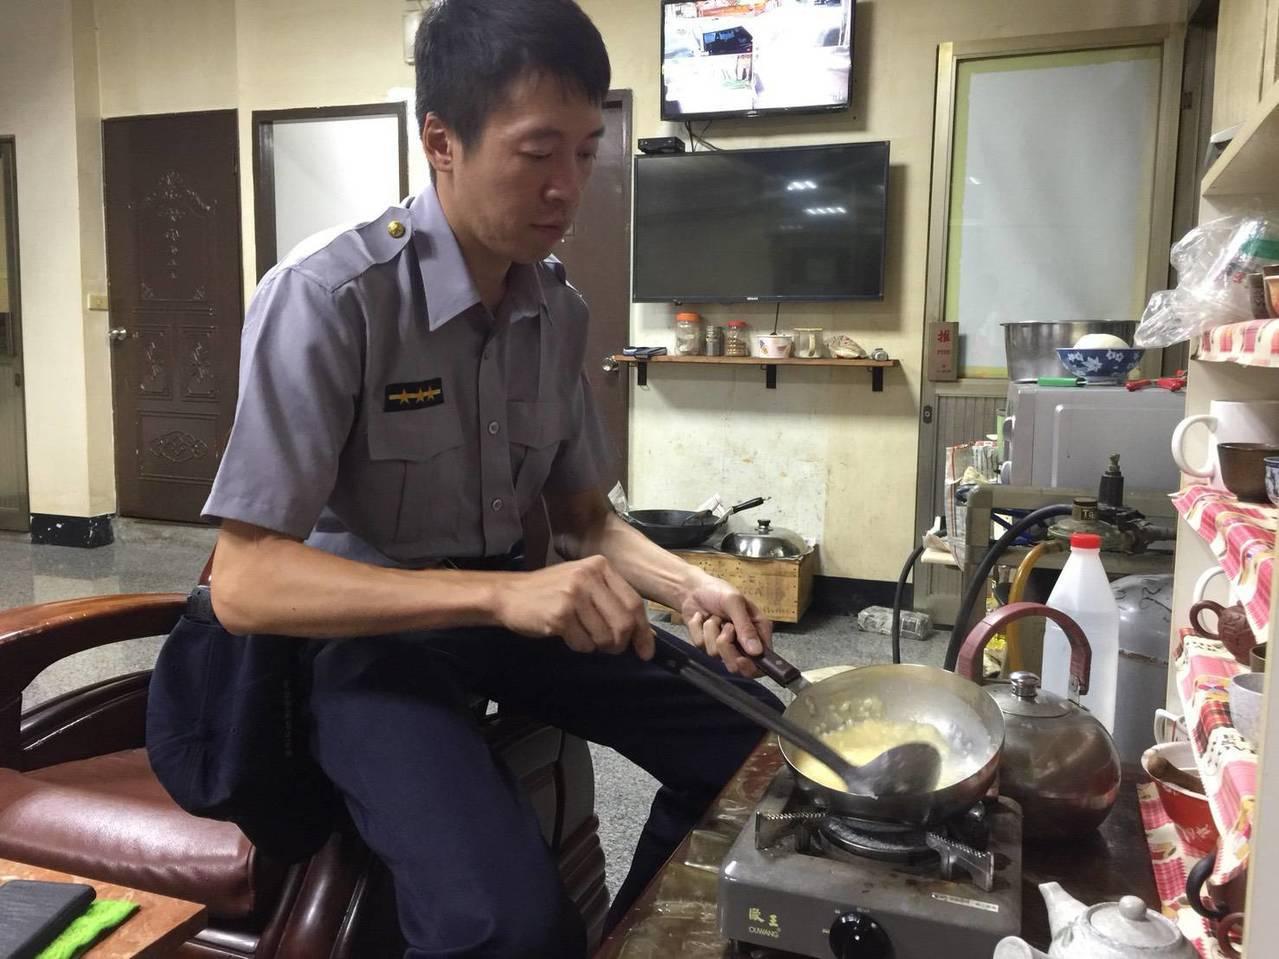 不擅烹飪的楊宗育親自下廚為老婦人煮了ㄧ碗雞蛋粥充飢。圖/善化警分局提供